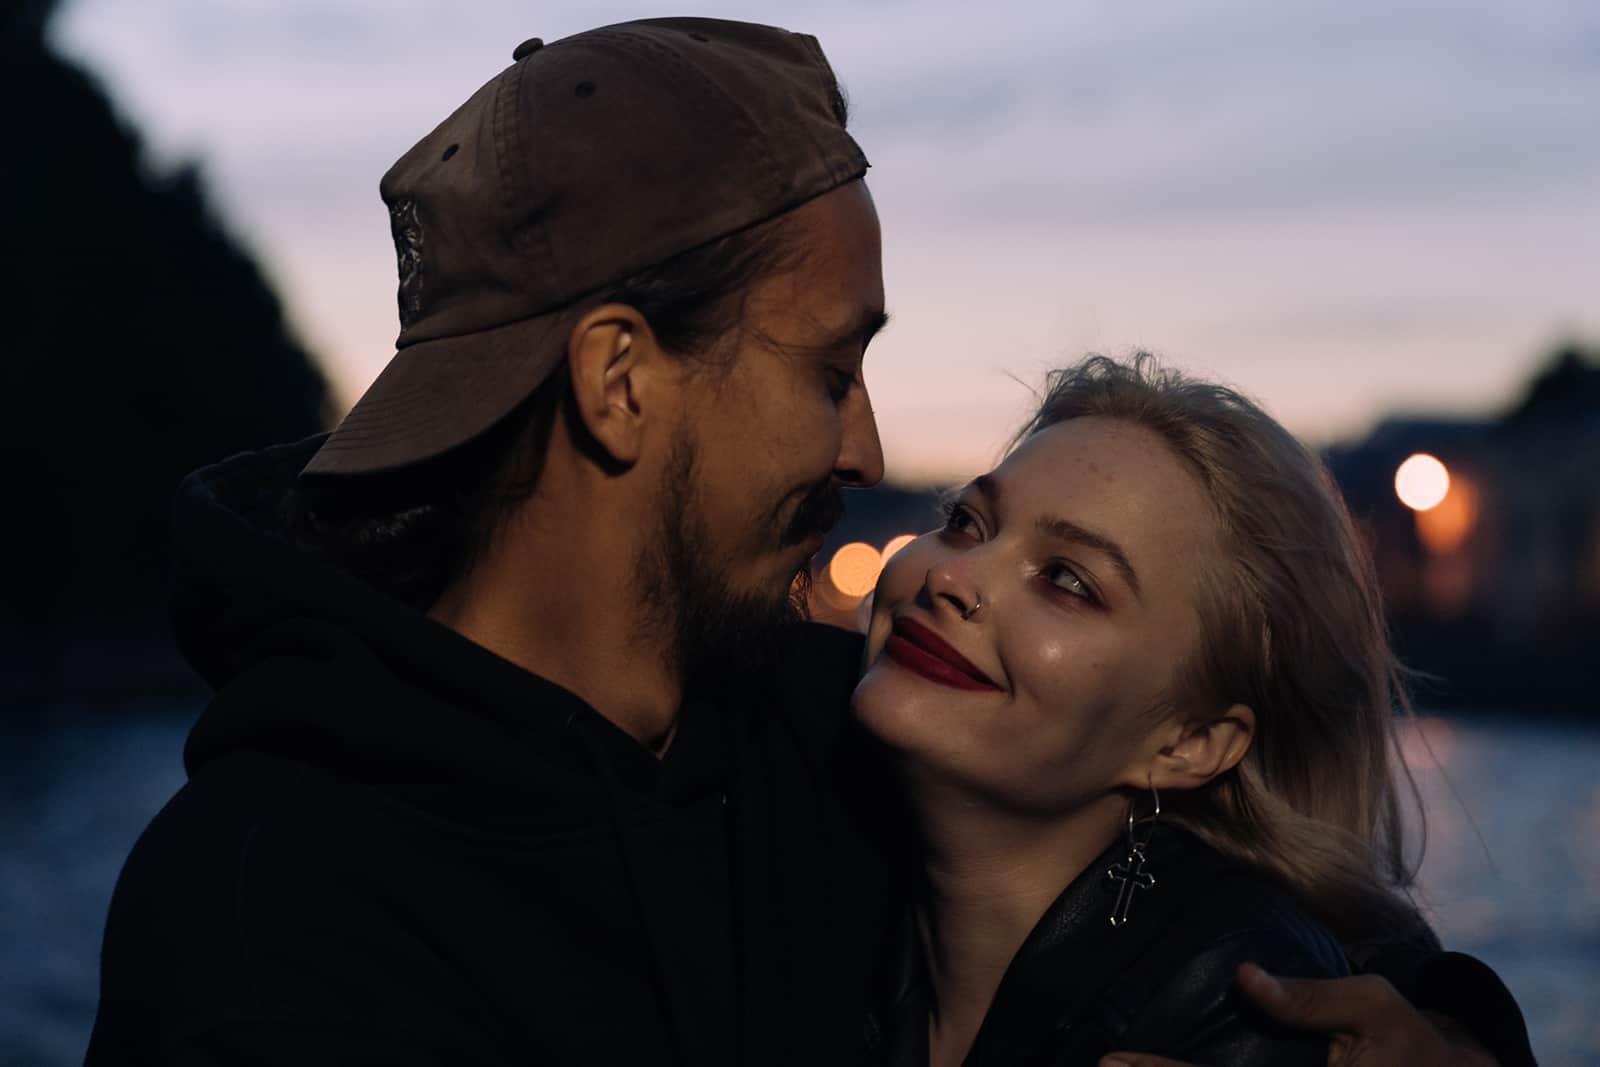 un couple amoureux se regardant tout en se serrant dans ses bras en plein air